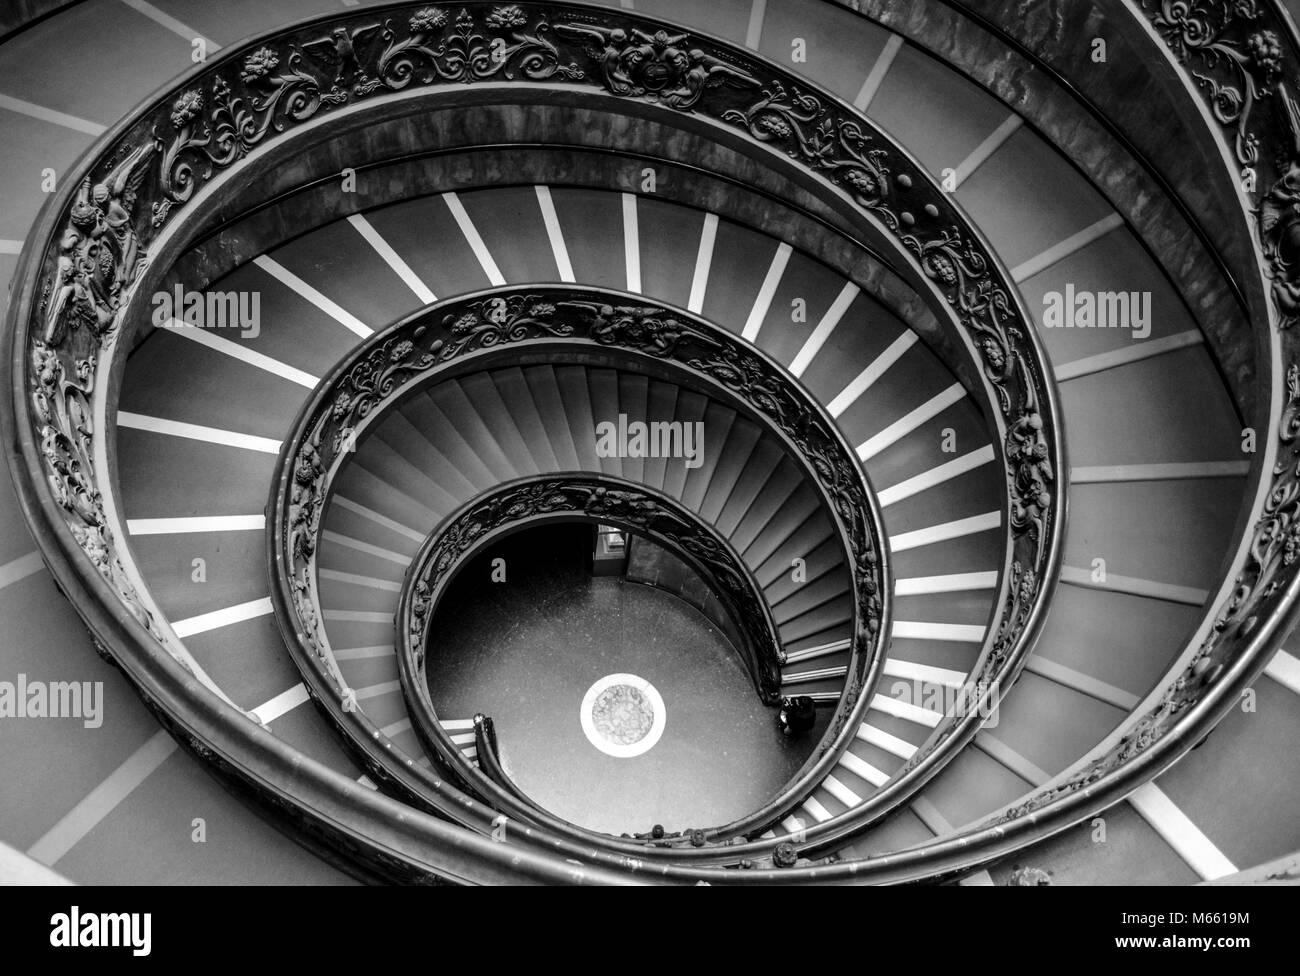 Museos Vaticanos Hermosas Escaleras En Espiral Para El Publico En La - Escaleras-en-espiral